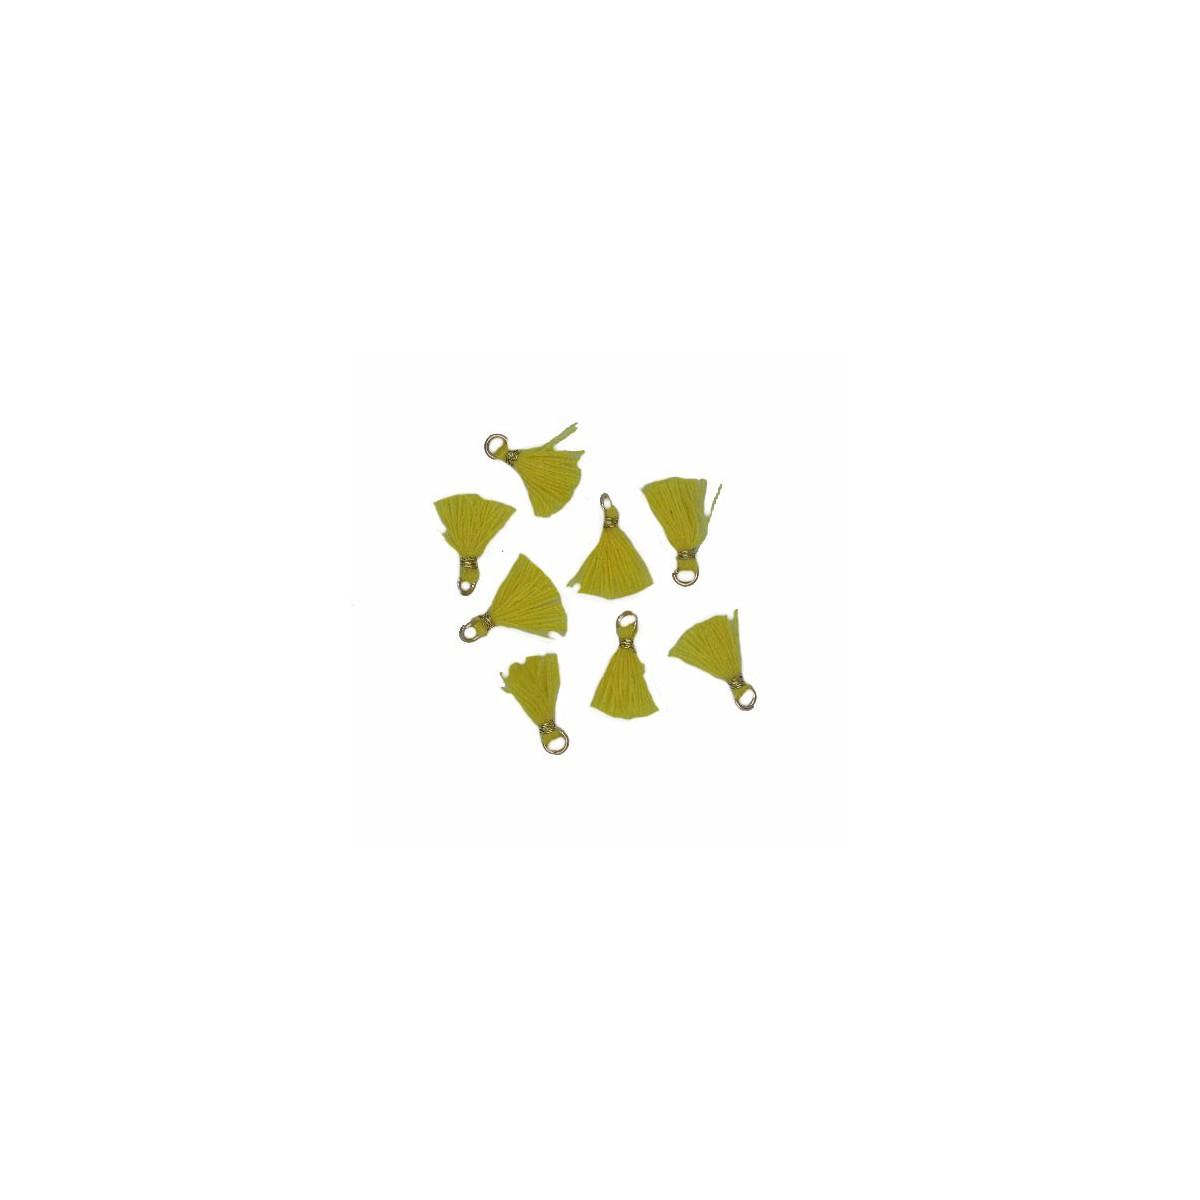 Nappina micro giallo 10 mm 5pz